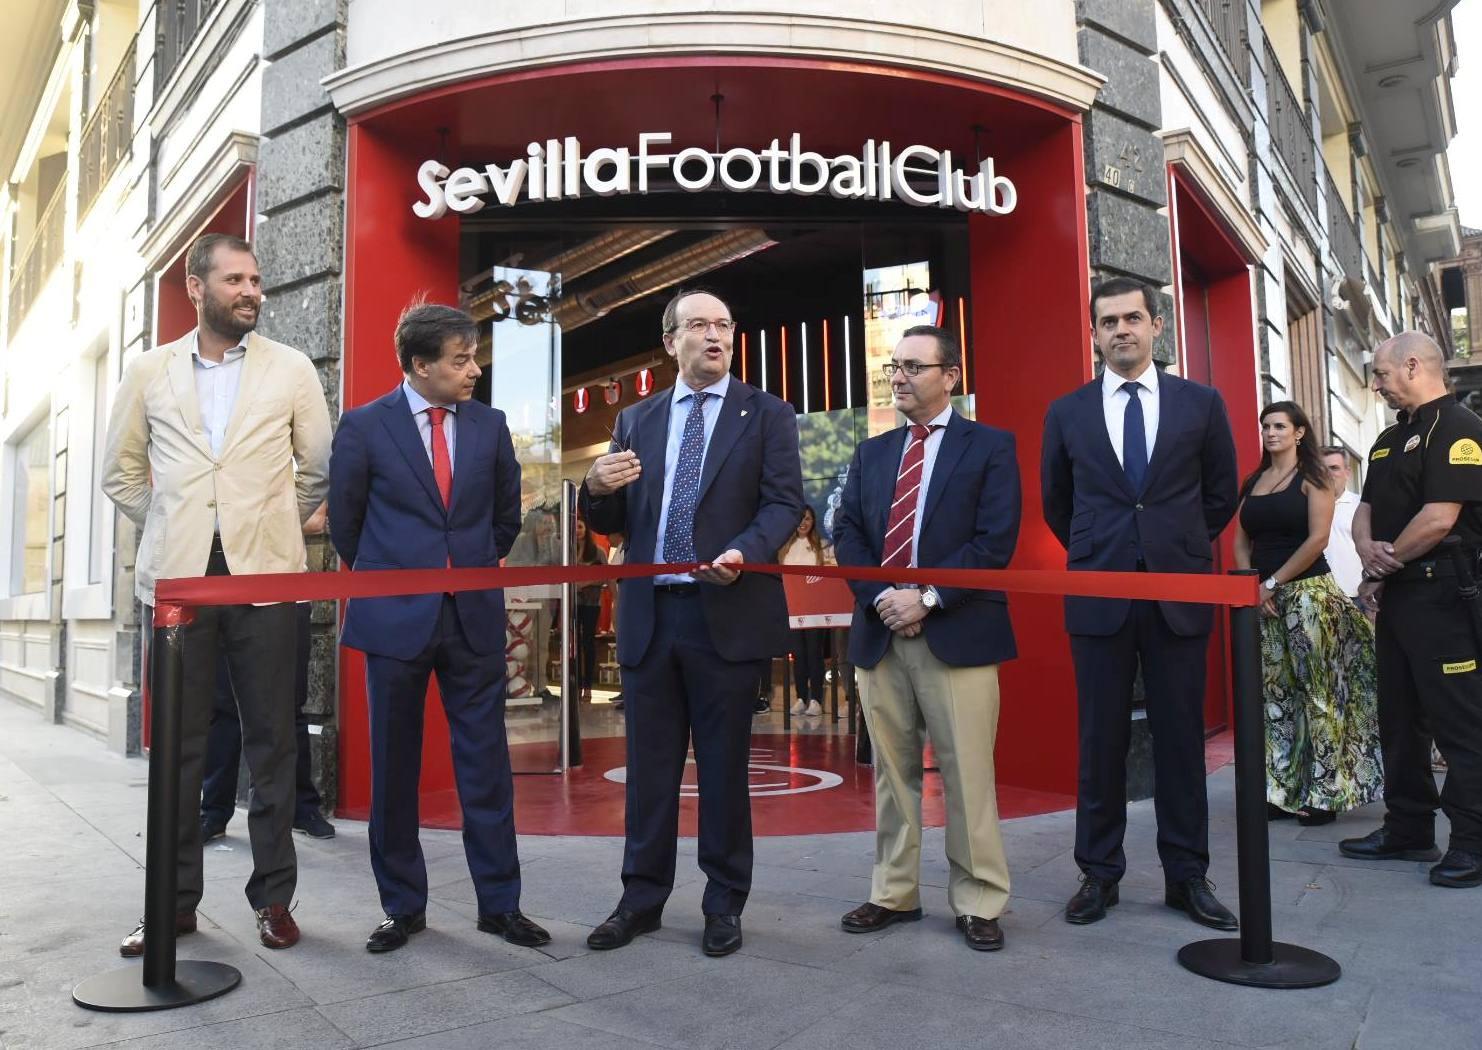 sevilla tienda 2 - Sevilla FC inaugura exclusiva tienda en España